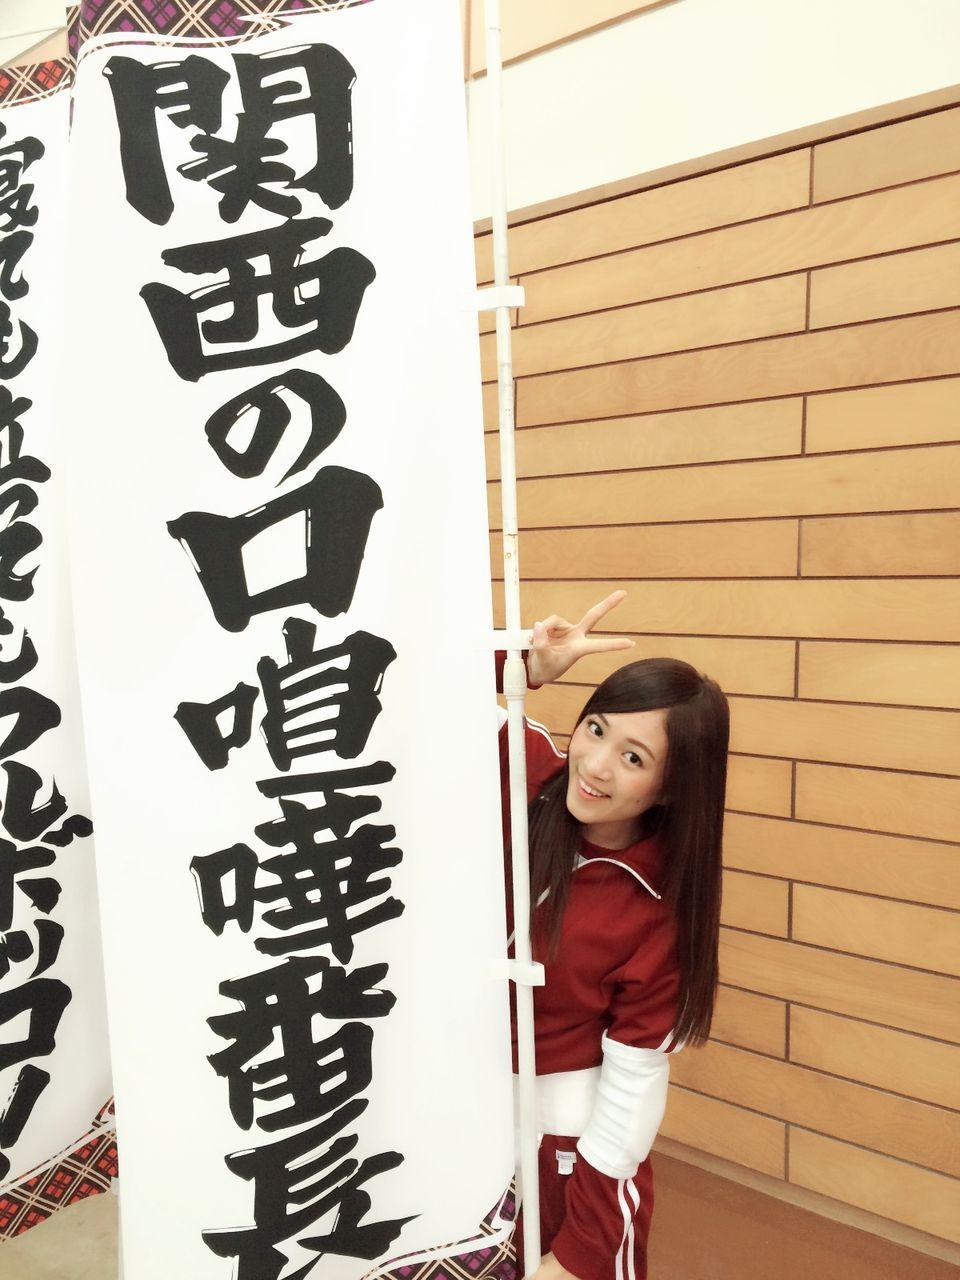 SKE48斉藤真木子は商機を逃さないwwwwww... 「SKE48斉藤真木子は商機を逃さないw